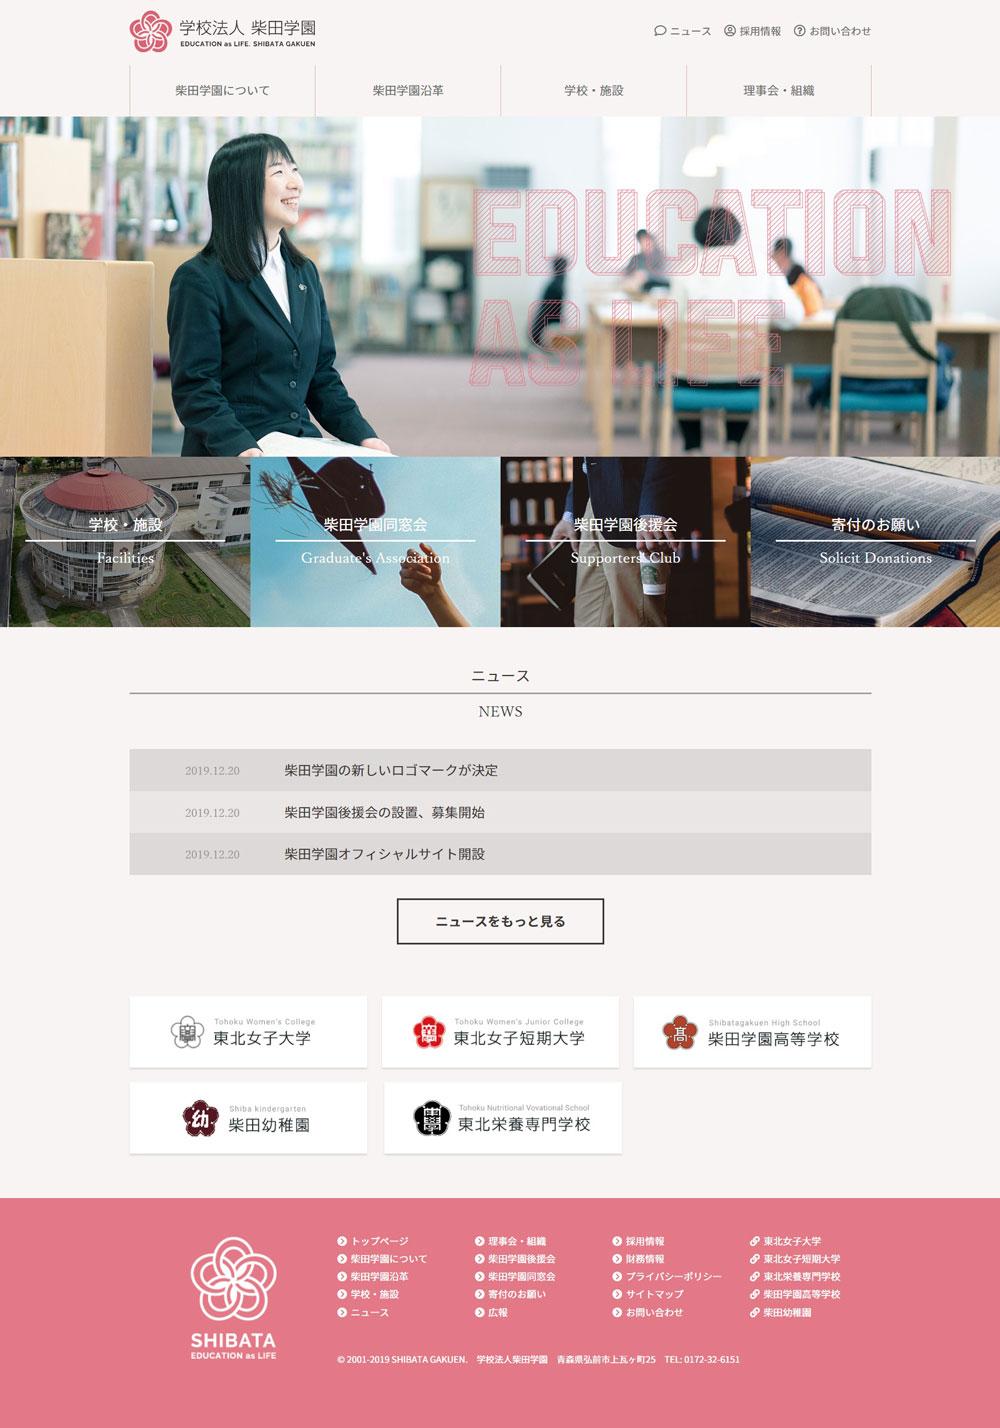 柴田学園オフィシャルサイト